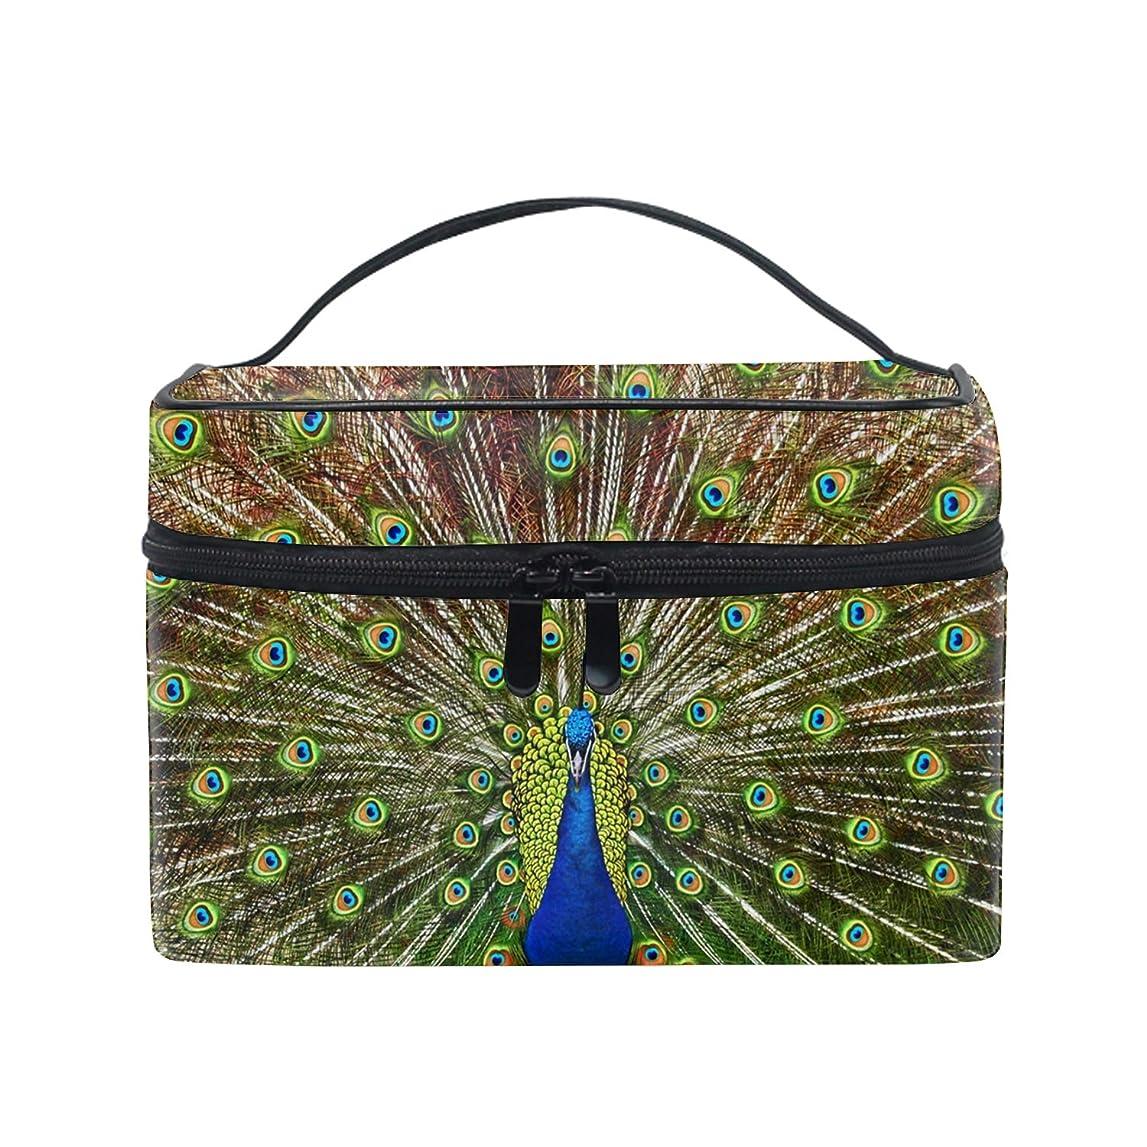 黙黙汗孔雀の羽のパターン化粧ポーチ メイクポーチ コスメポーチ 化粧品収納 小物入れ 軽い 軽量 防水 旅行も便利